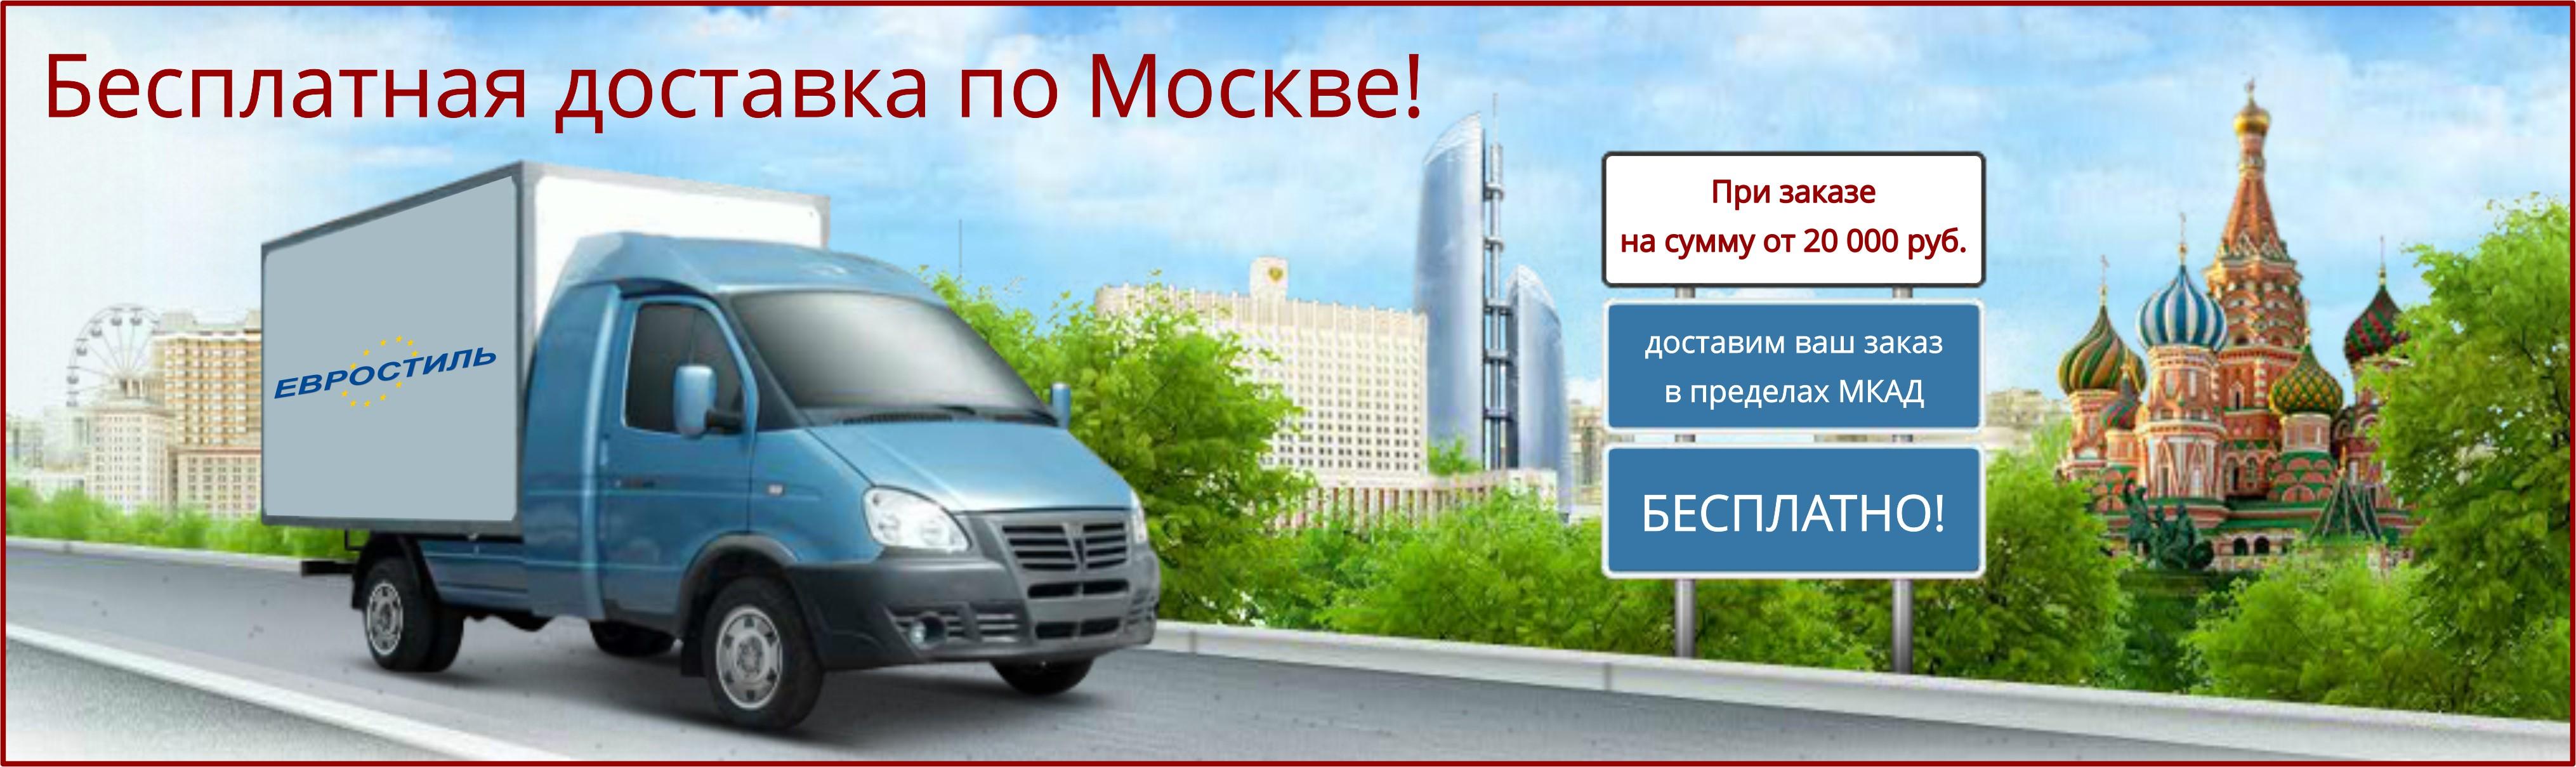 Доставка по Москве бесплатно